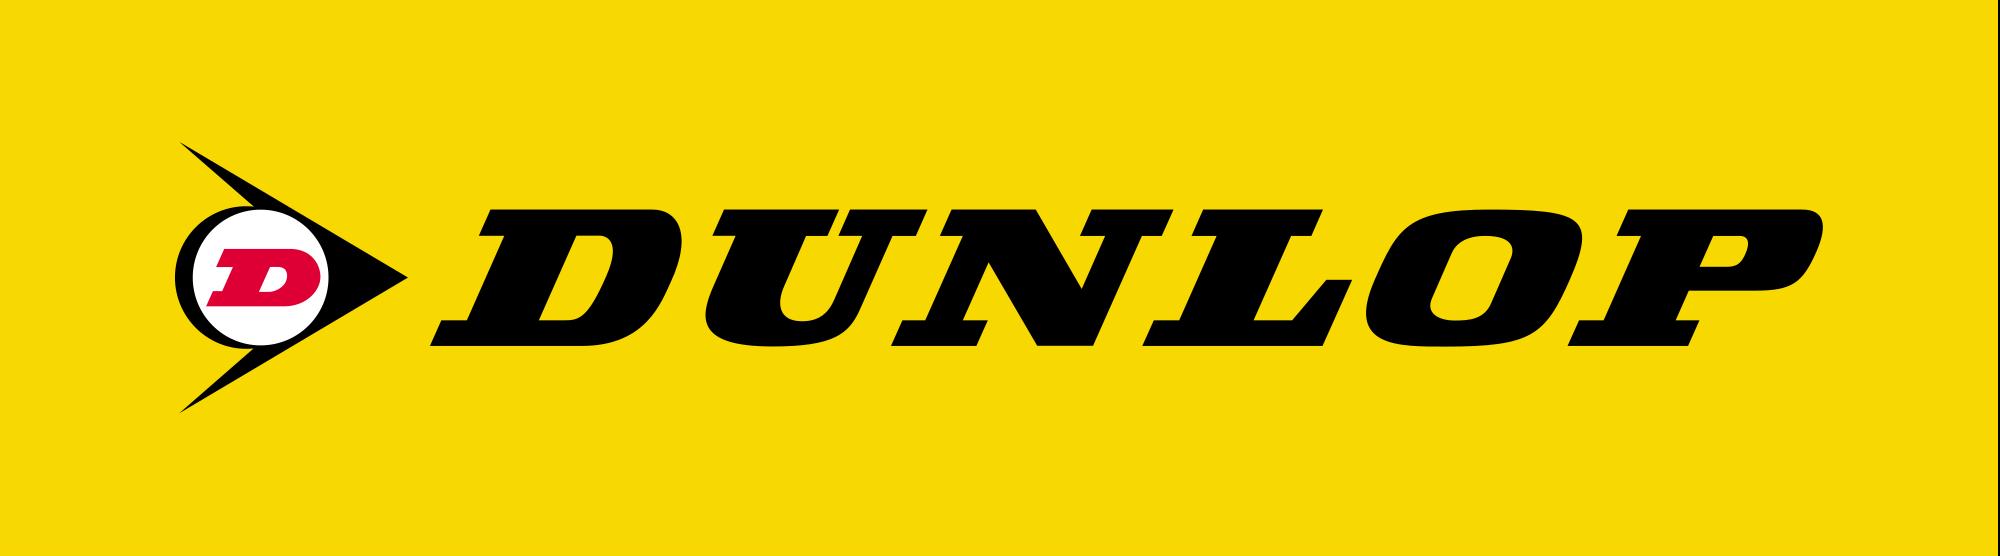 Dunlop llevará lo mismo en los tres primeros GGPP. Novedades en Jerez